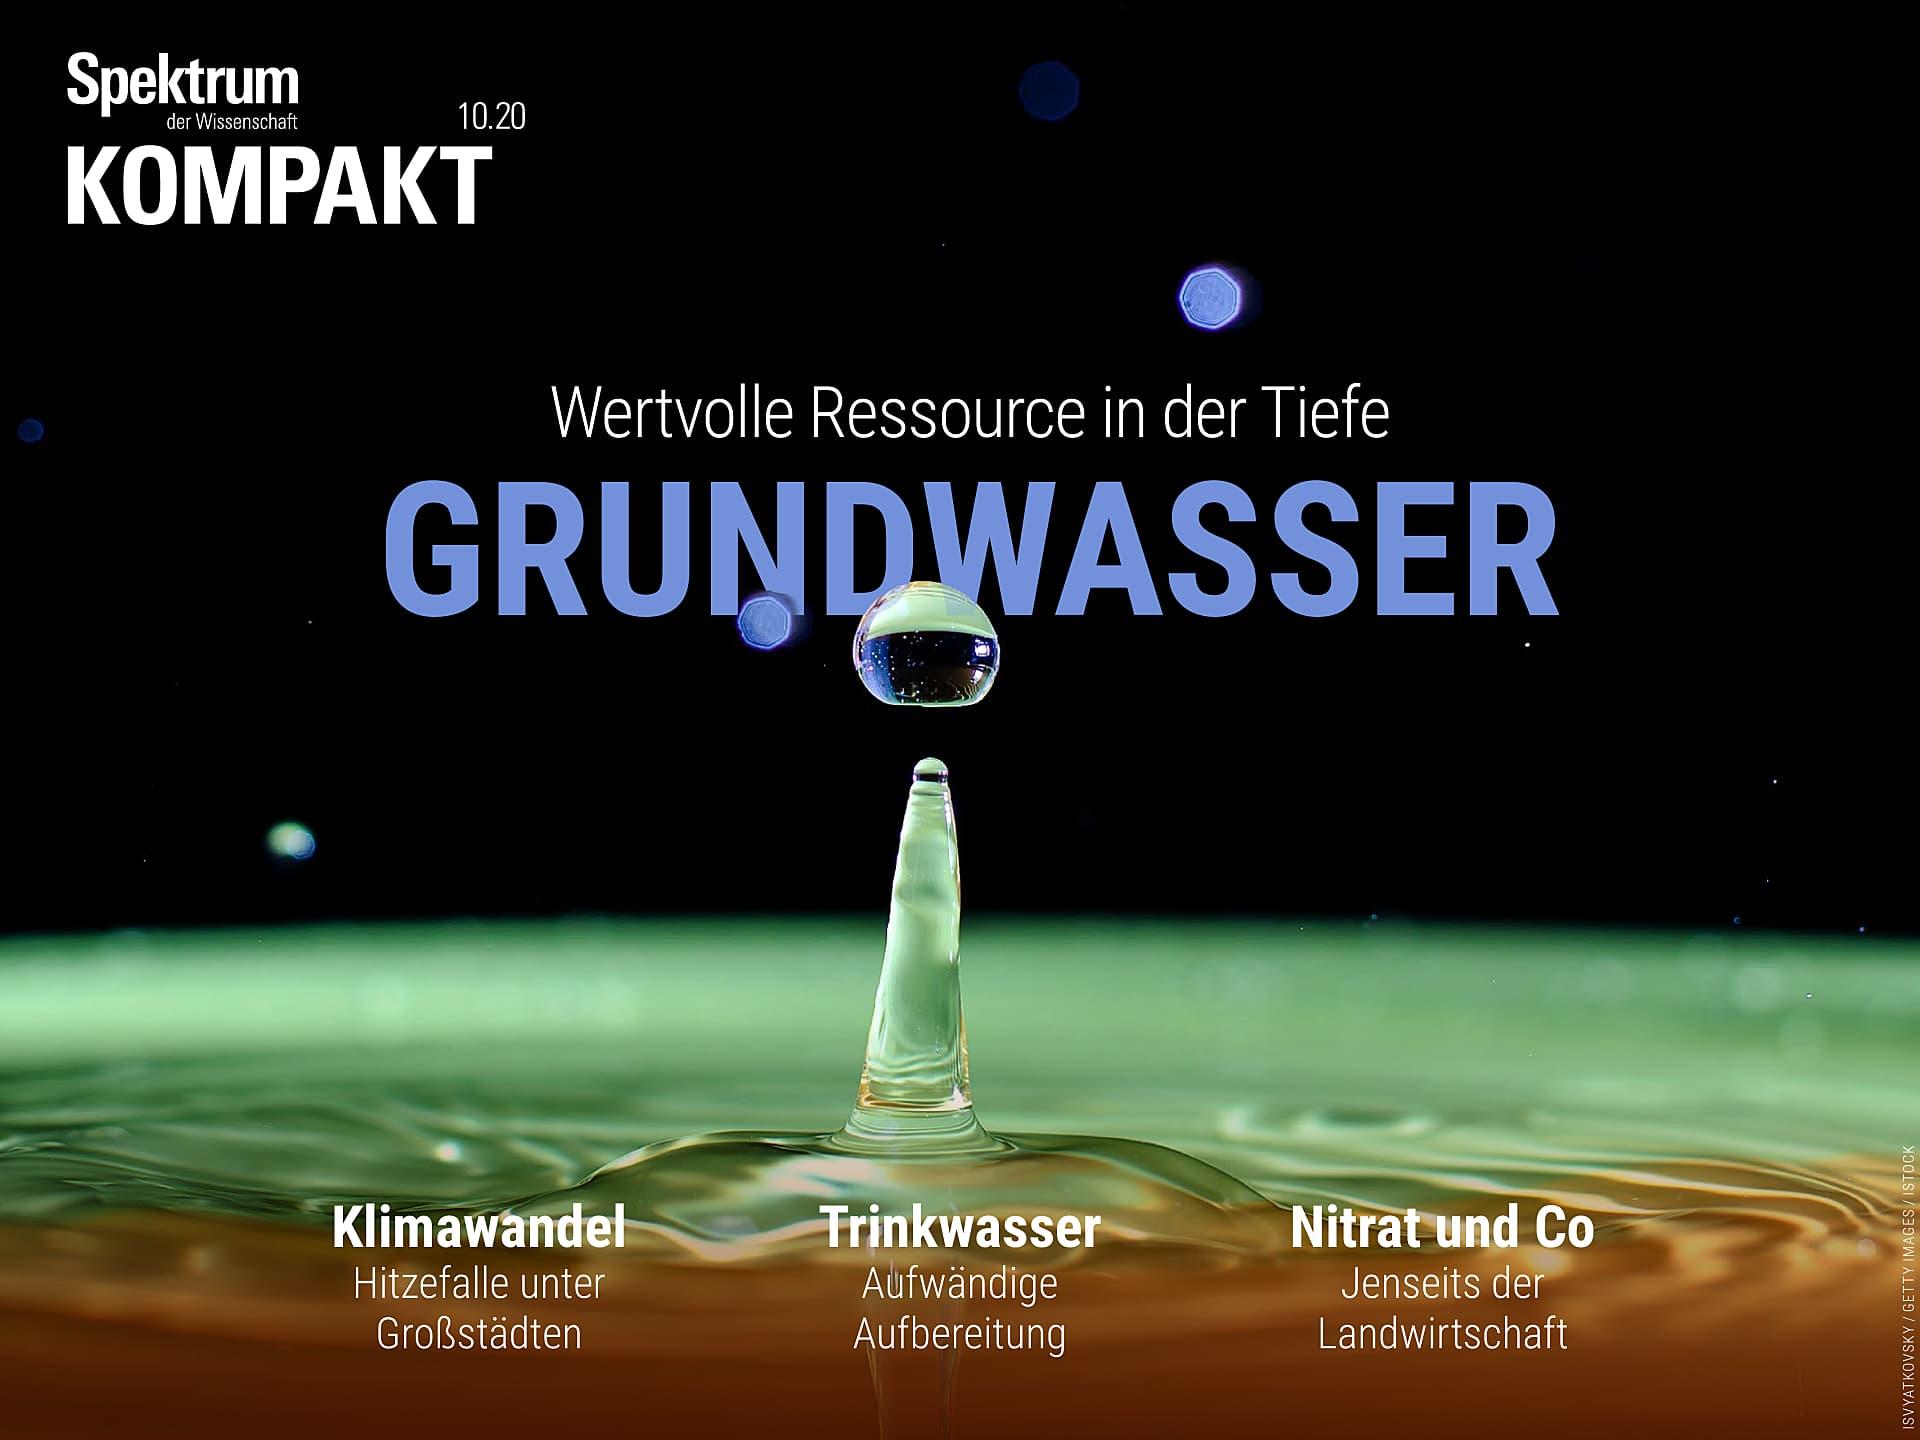 Grundwasser - Wertvolle Ressource in der Tiefe